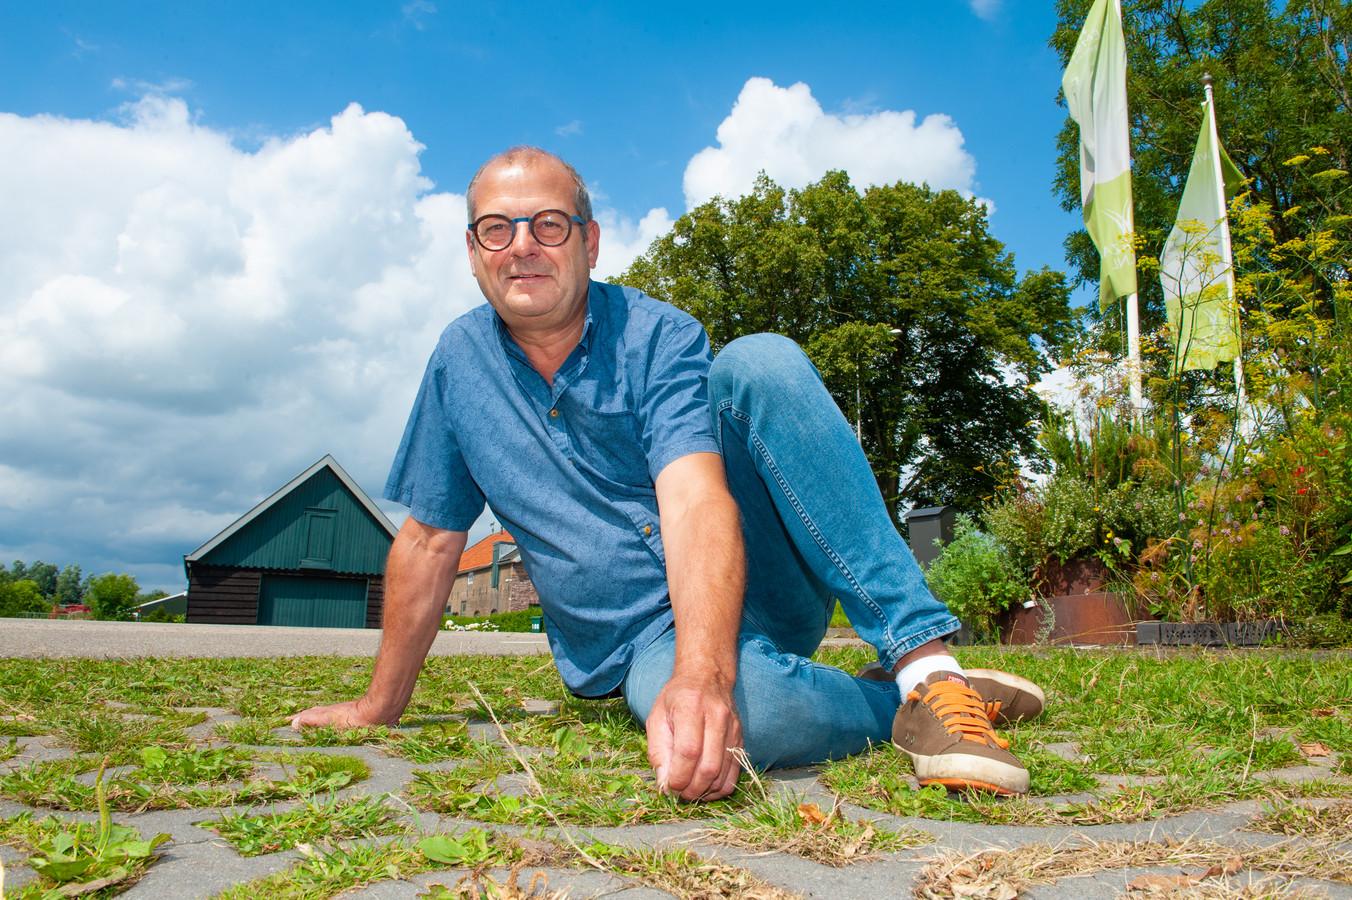 Volgens hovenier Sjaak Willemstein zouden meer mensen onkruid gewoon moeten laten groeien.